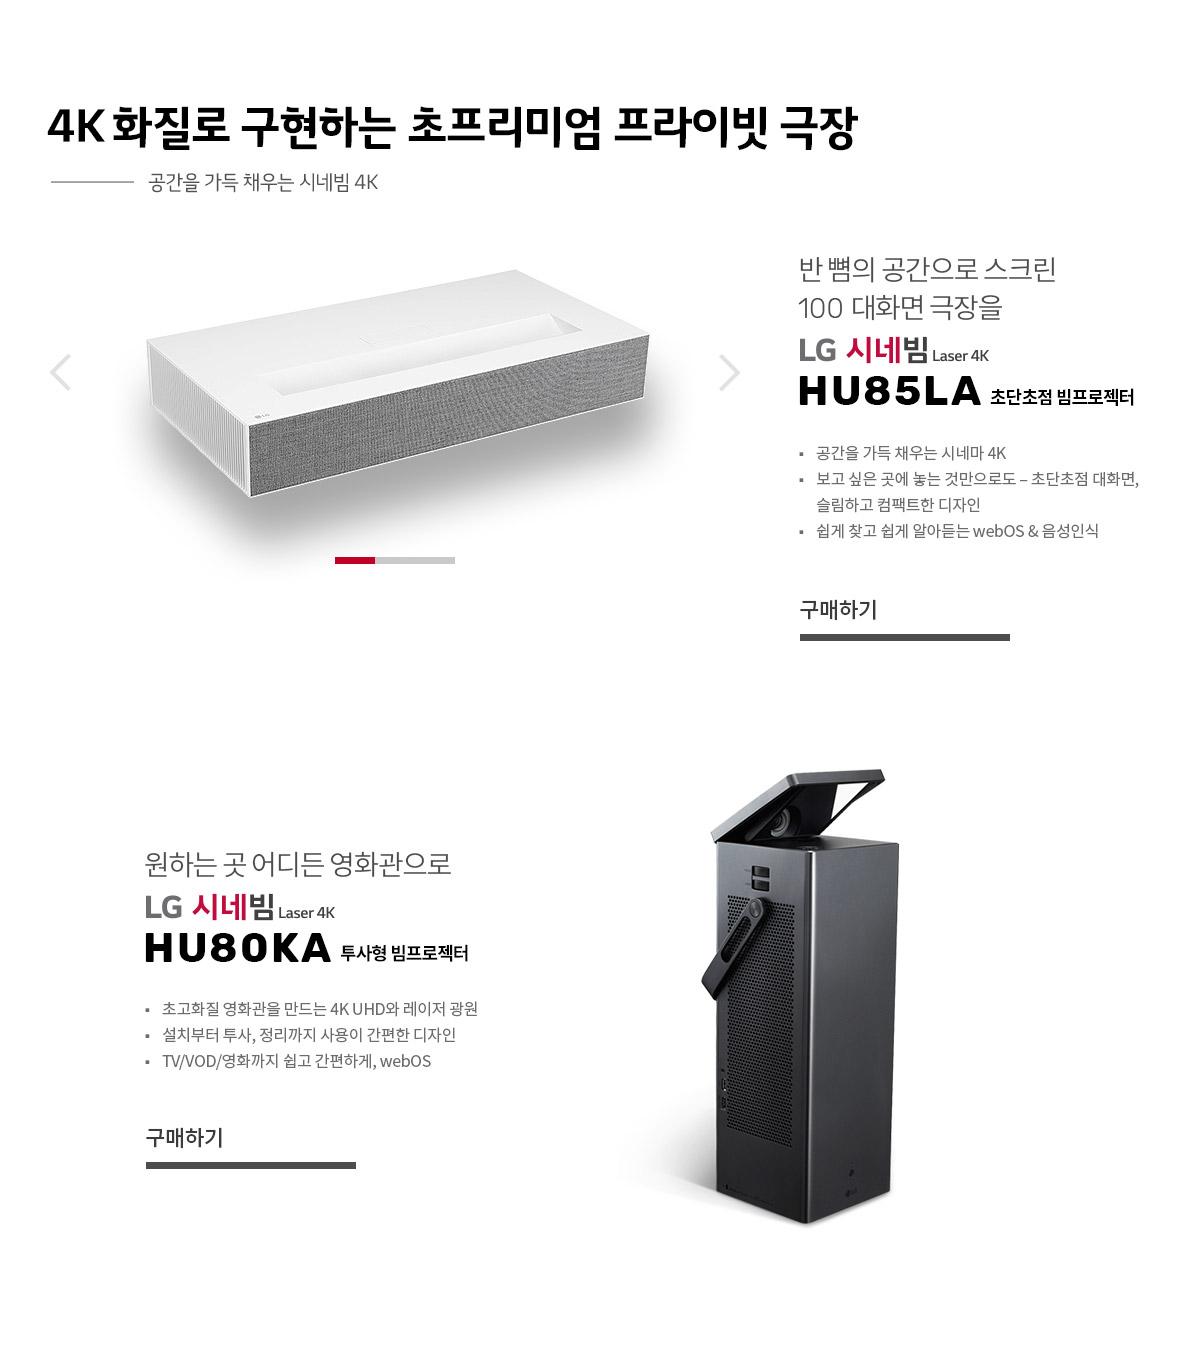 LG시네빔 신제품 HU85LA 예약판매 - 11번가